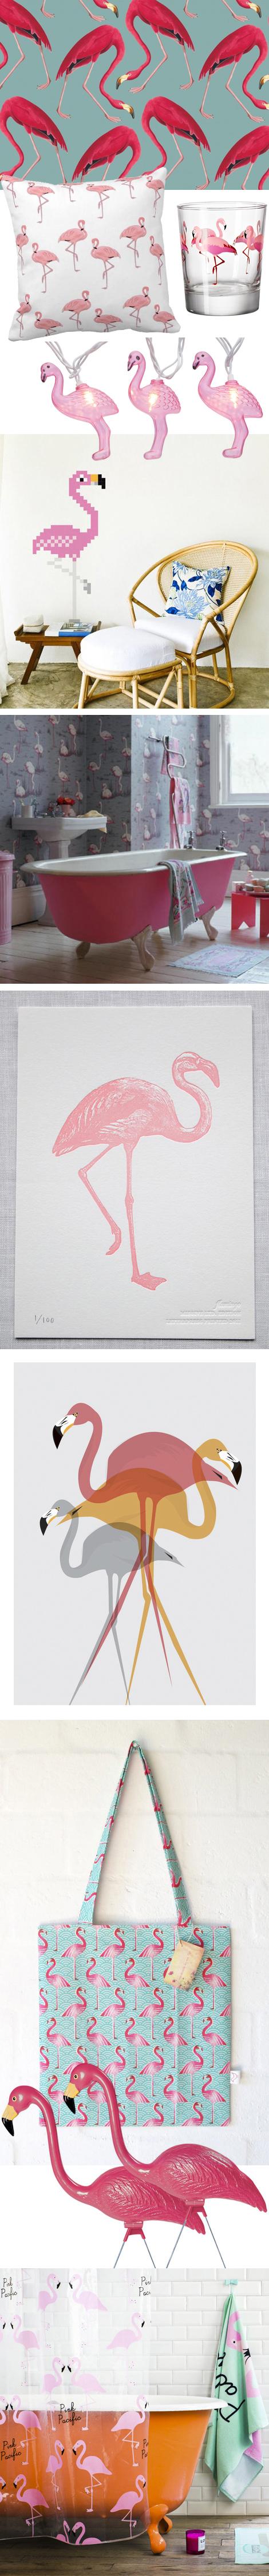 Flamingo deco interior trend 2